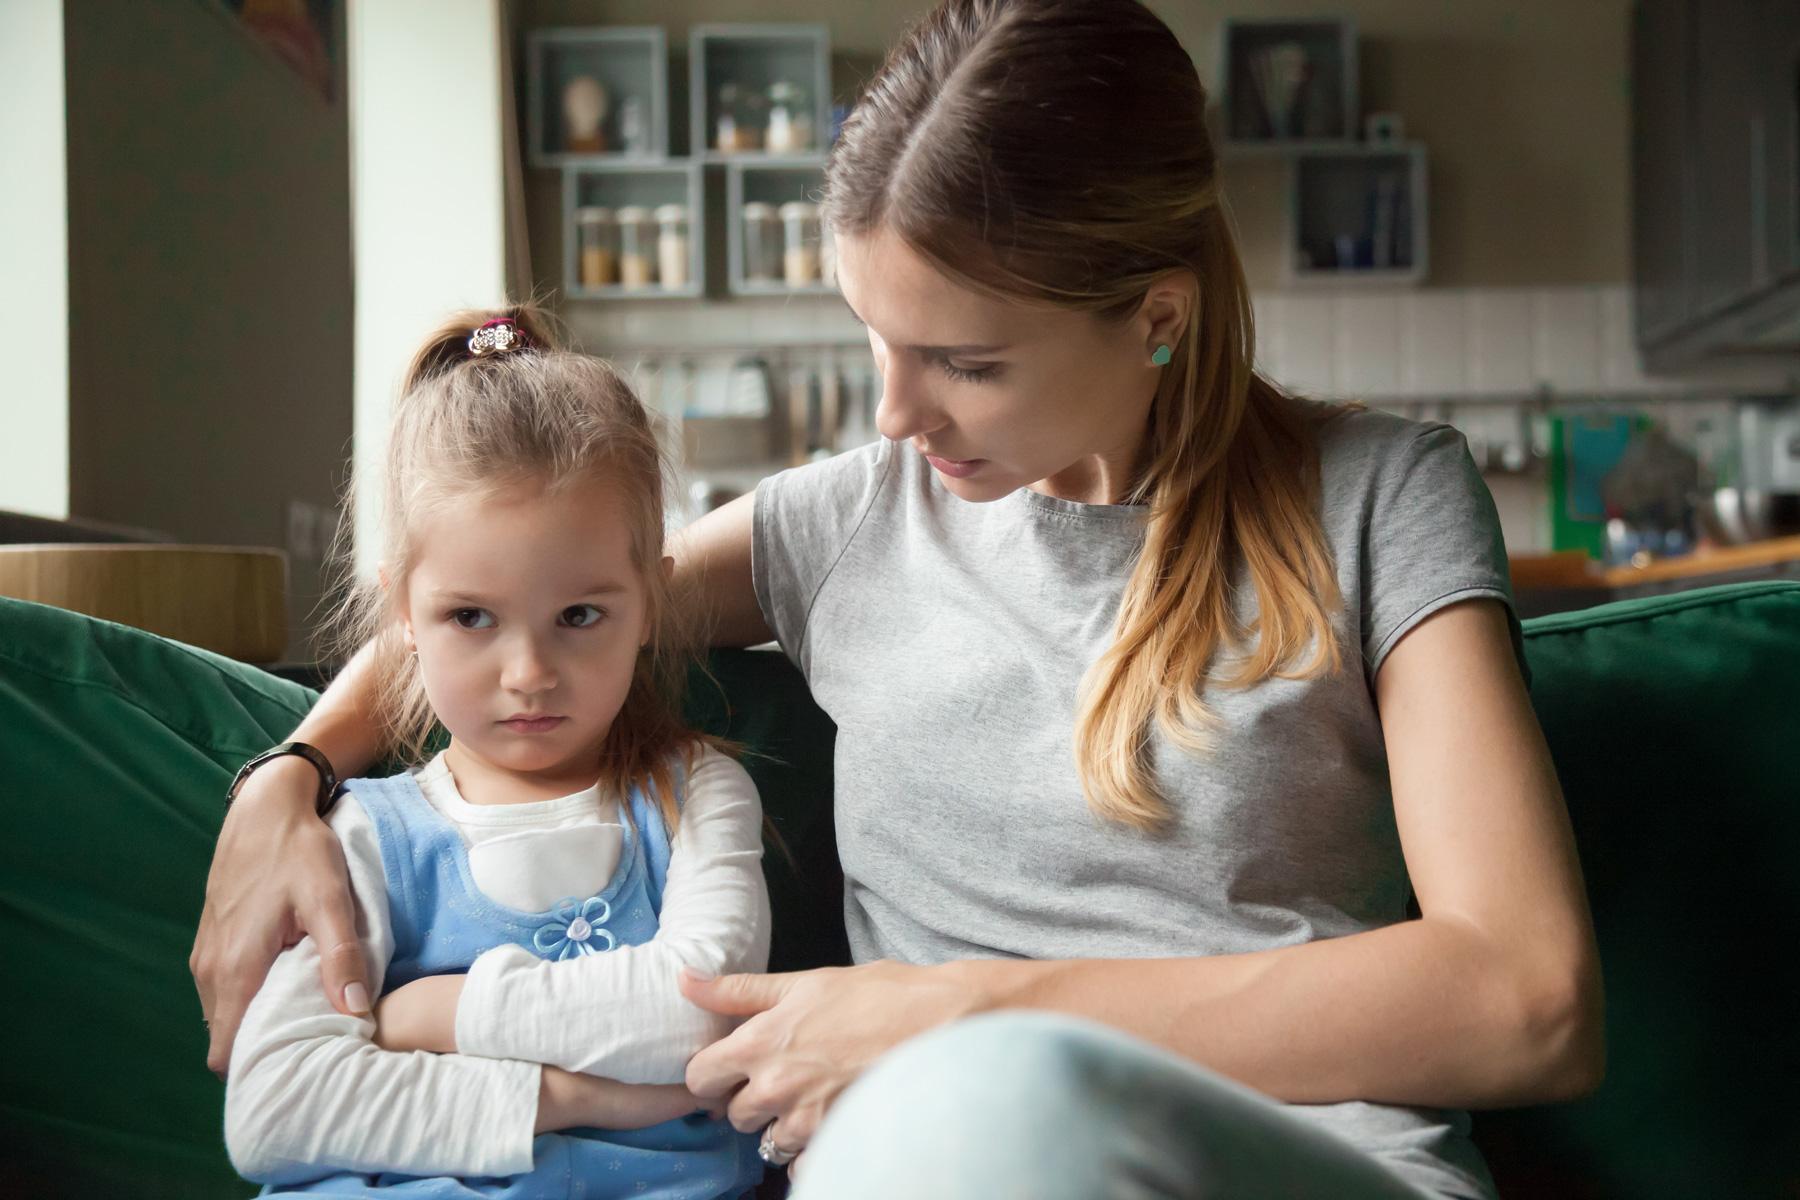 Παιδί και διαχείριση θυμού: Βοηθήστε τα παιδιά να κατανοήσουν τα συναισθήματα τους